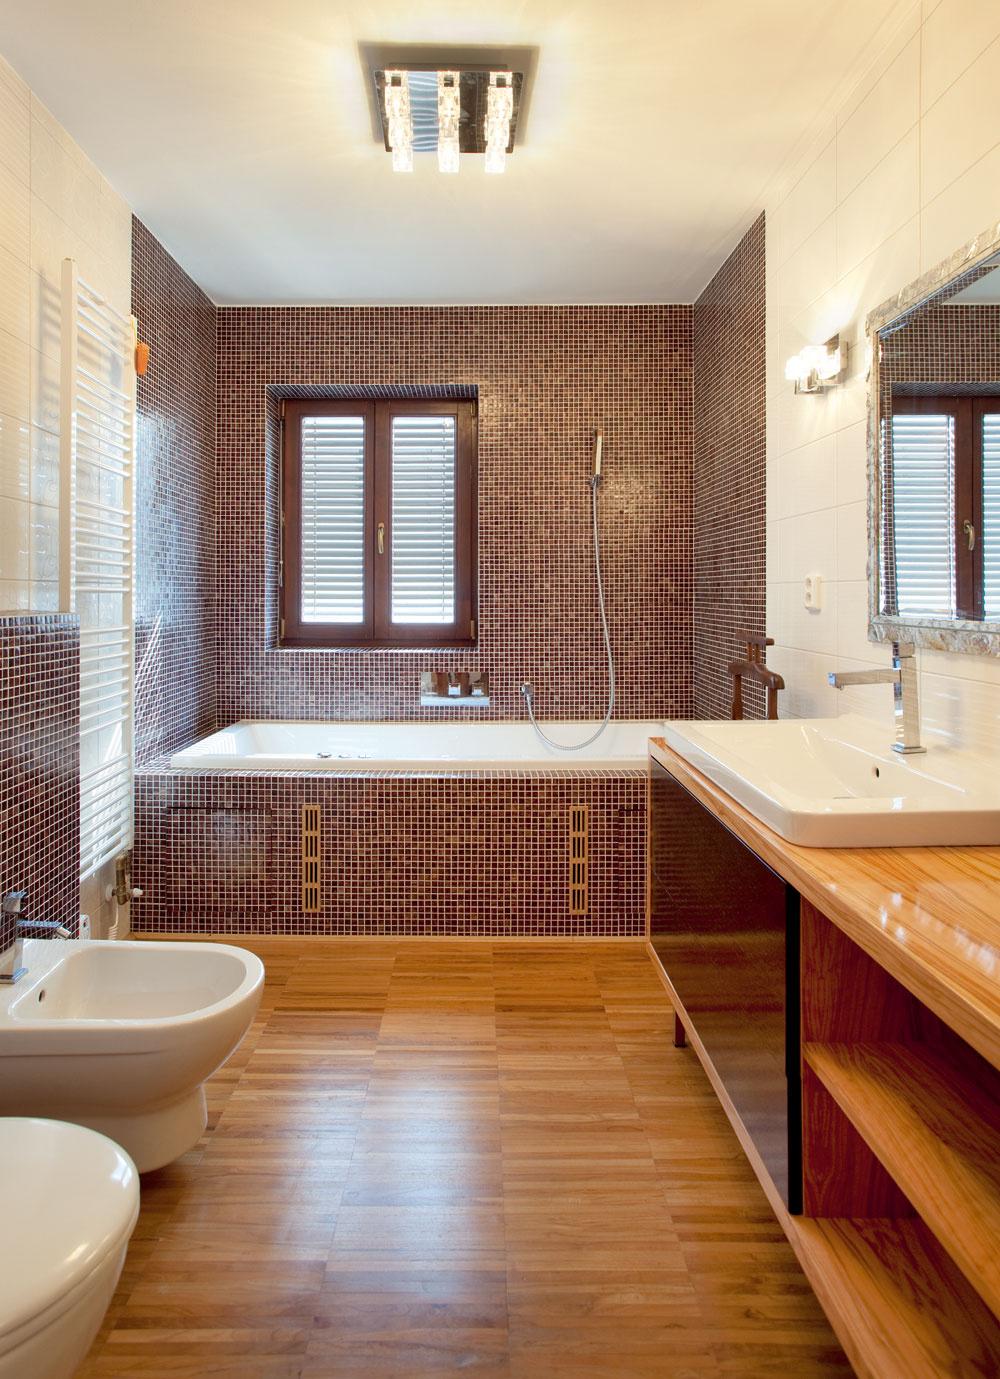 Zmluvu shranatým dizajnom podpísali vodovodné armatúry, fialová mozaika, originálne stropné svietidlo adokonca aj umývadlo, ktoré svoje rohy užívateľsky trochu zaoblilo.